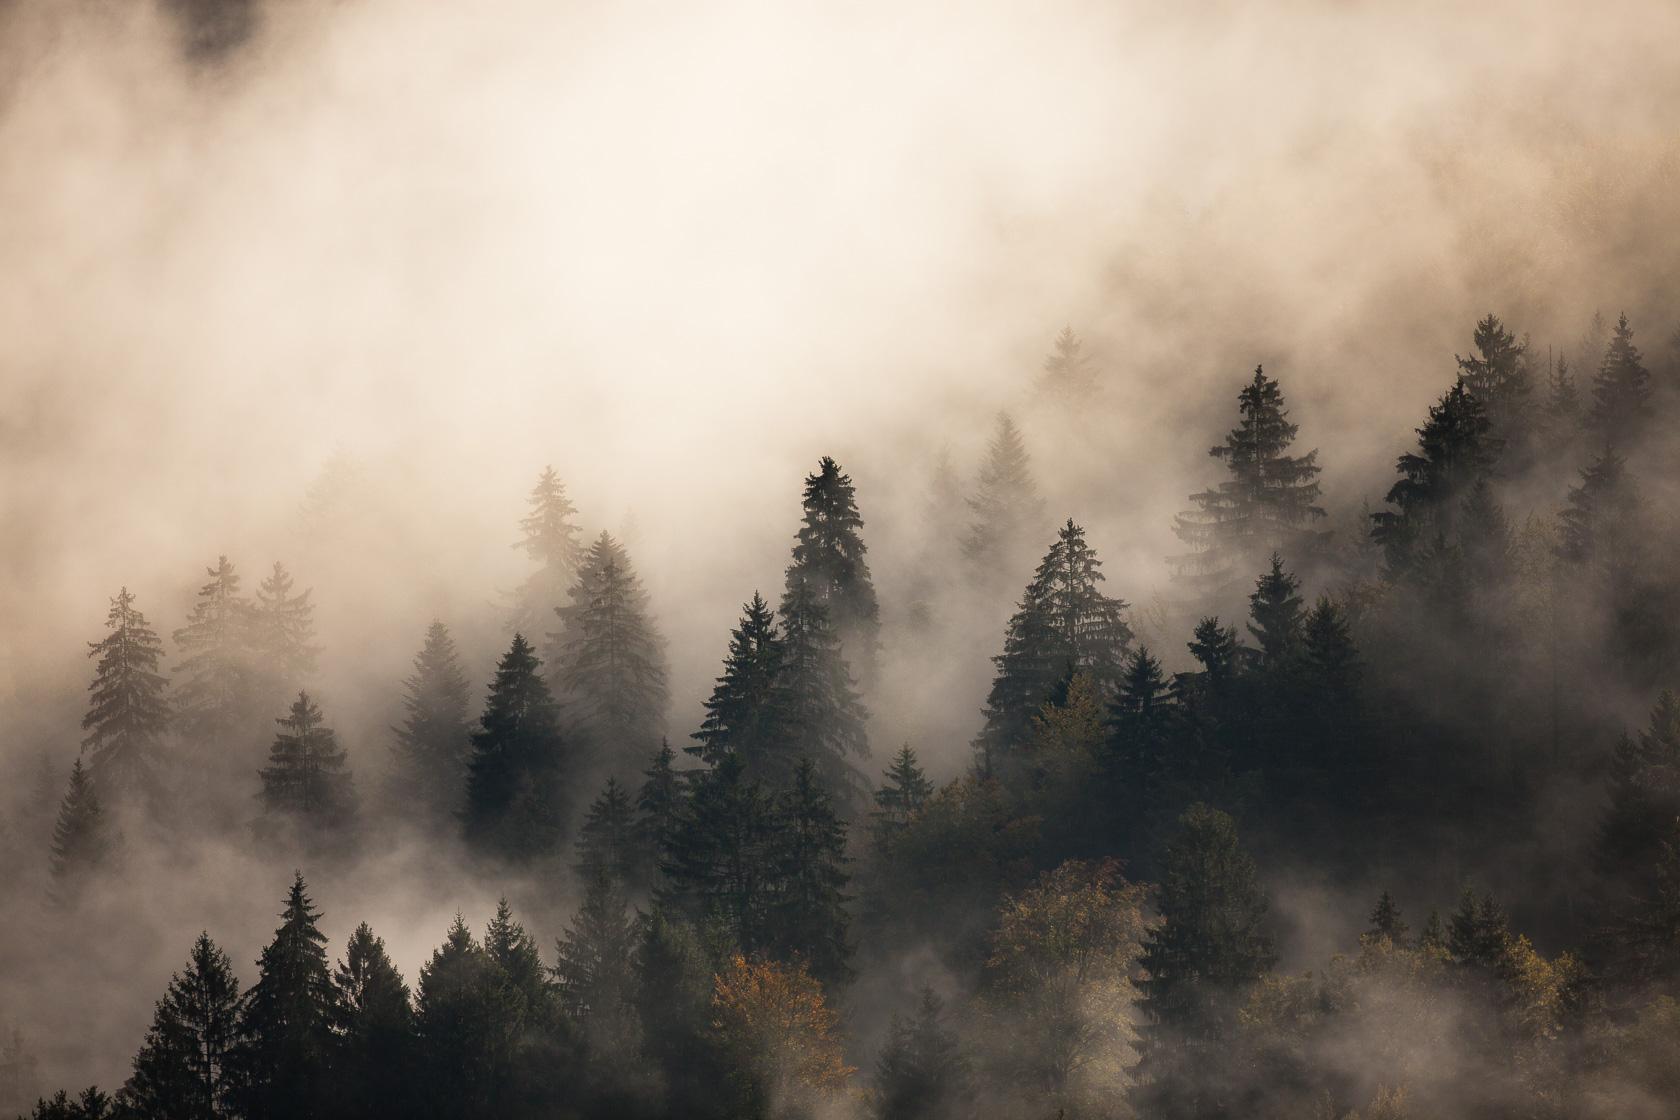 Forêt montagnarde dans les brumes, massif des Bauges